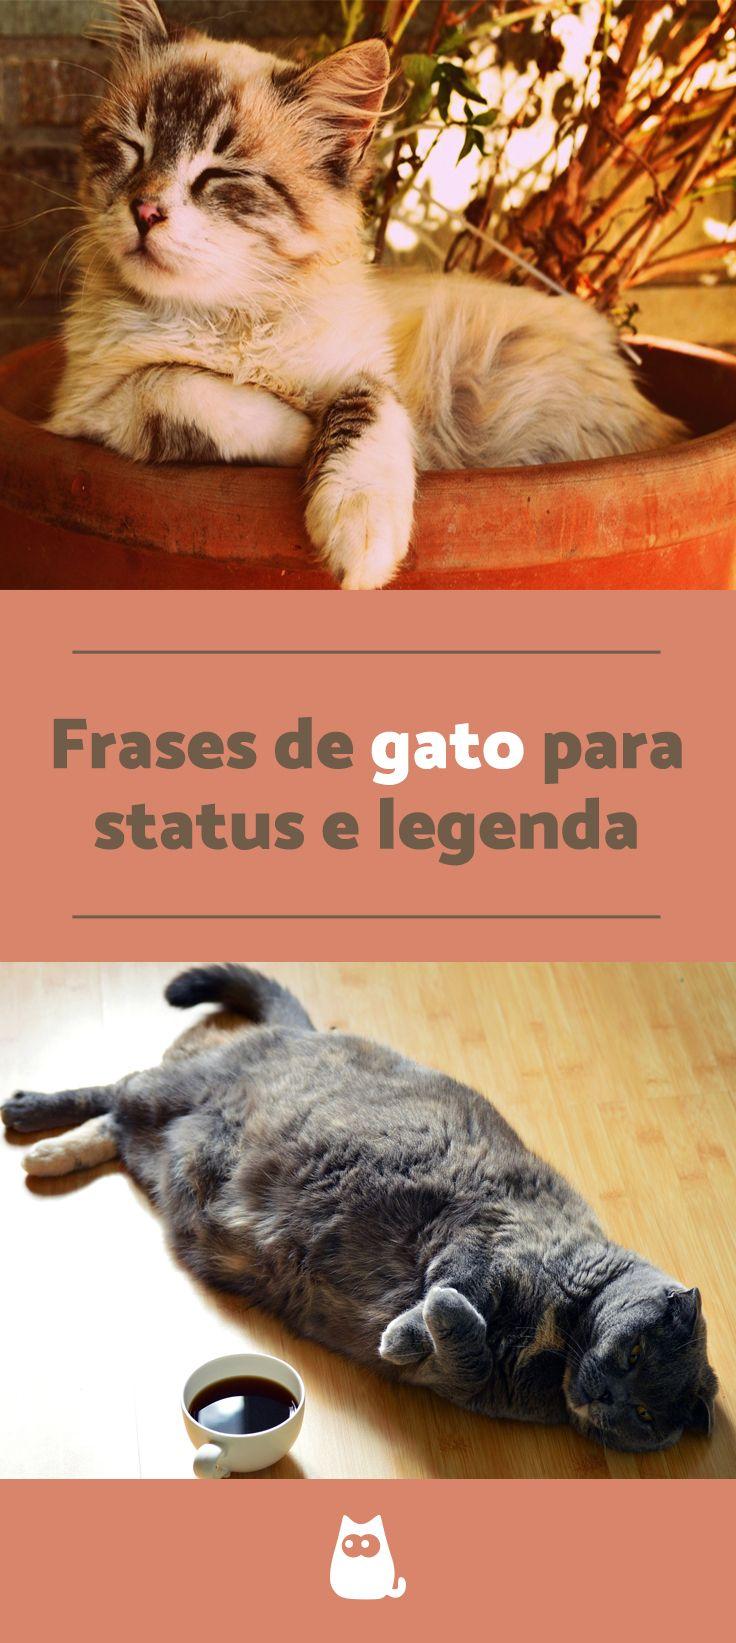 Frases De Gatos Animais De Estimação Gatos E Frase Gato